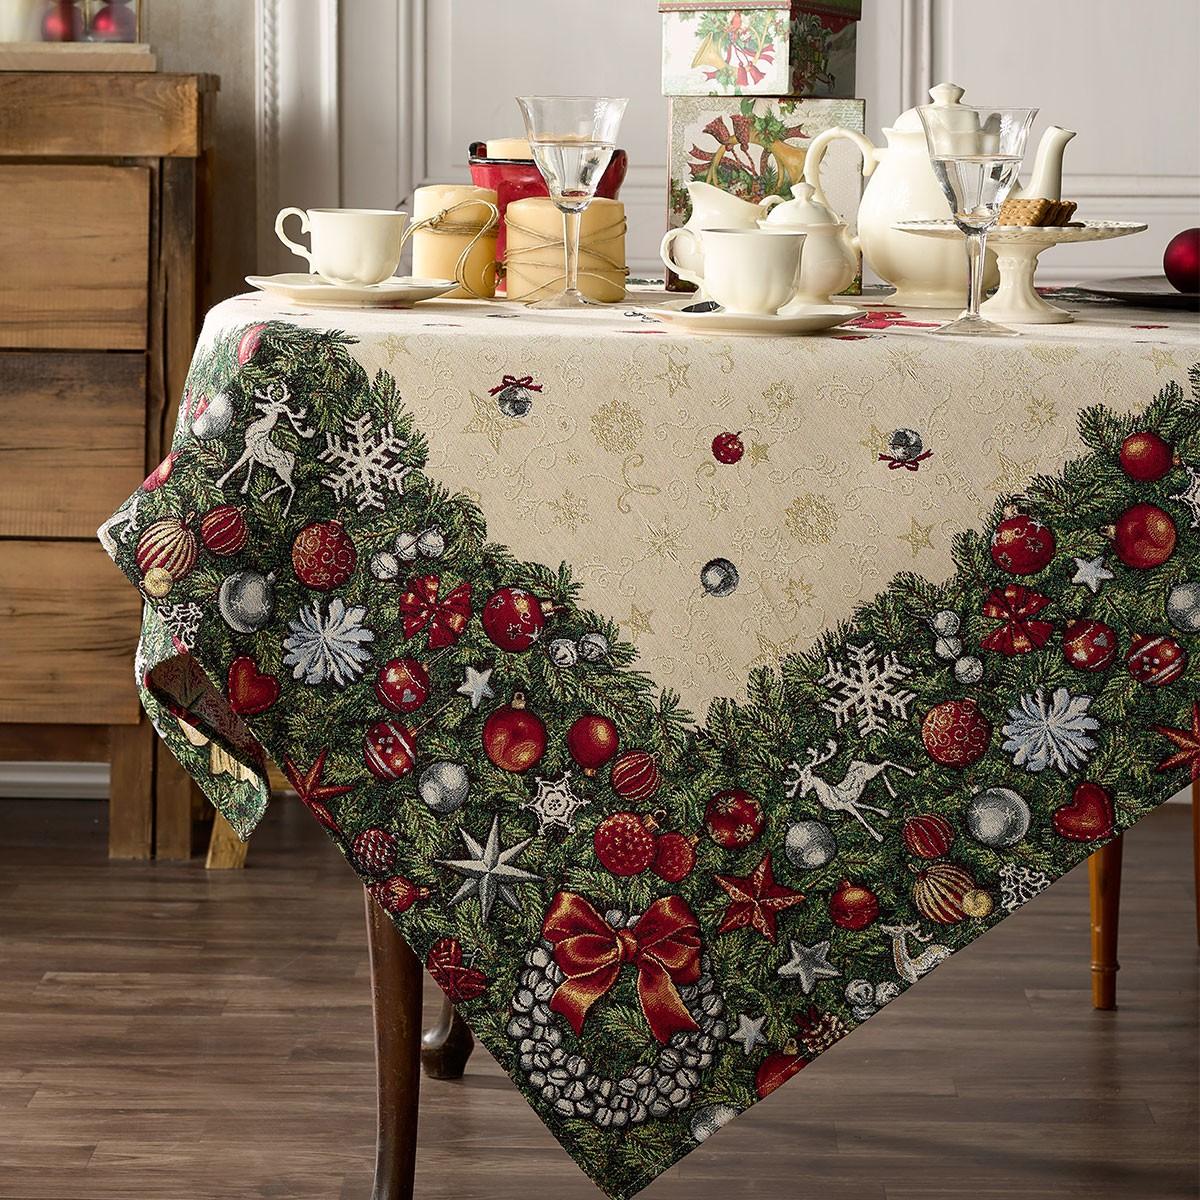 Χριστουγεννιάτικο Τραπεζομάντηλο (135×135) Gofis Home 209